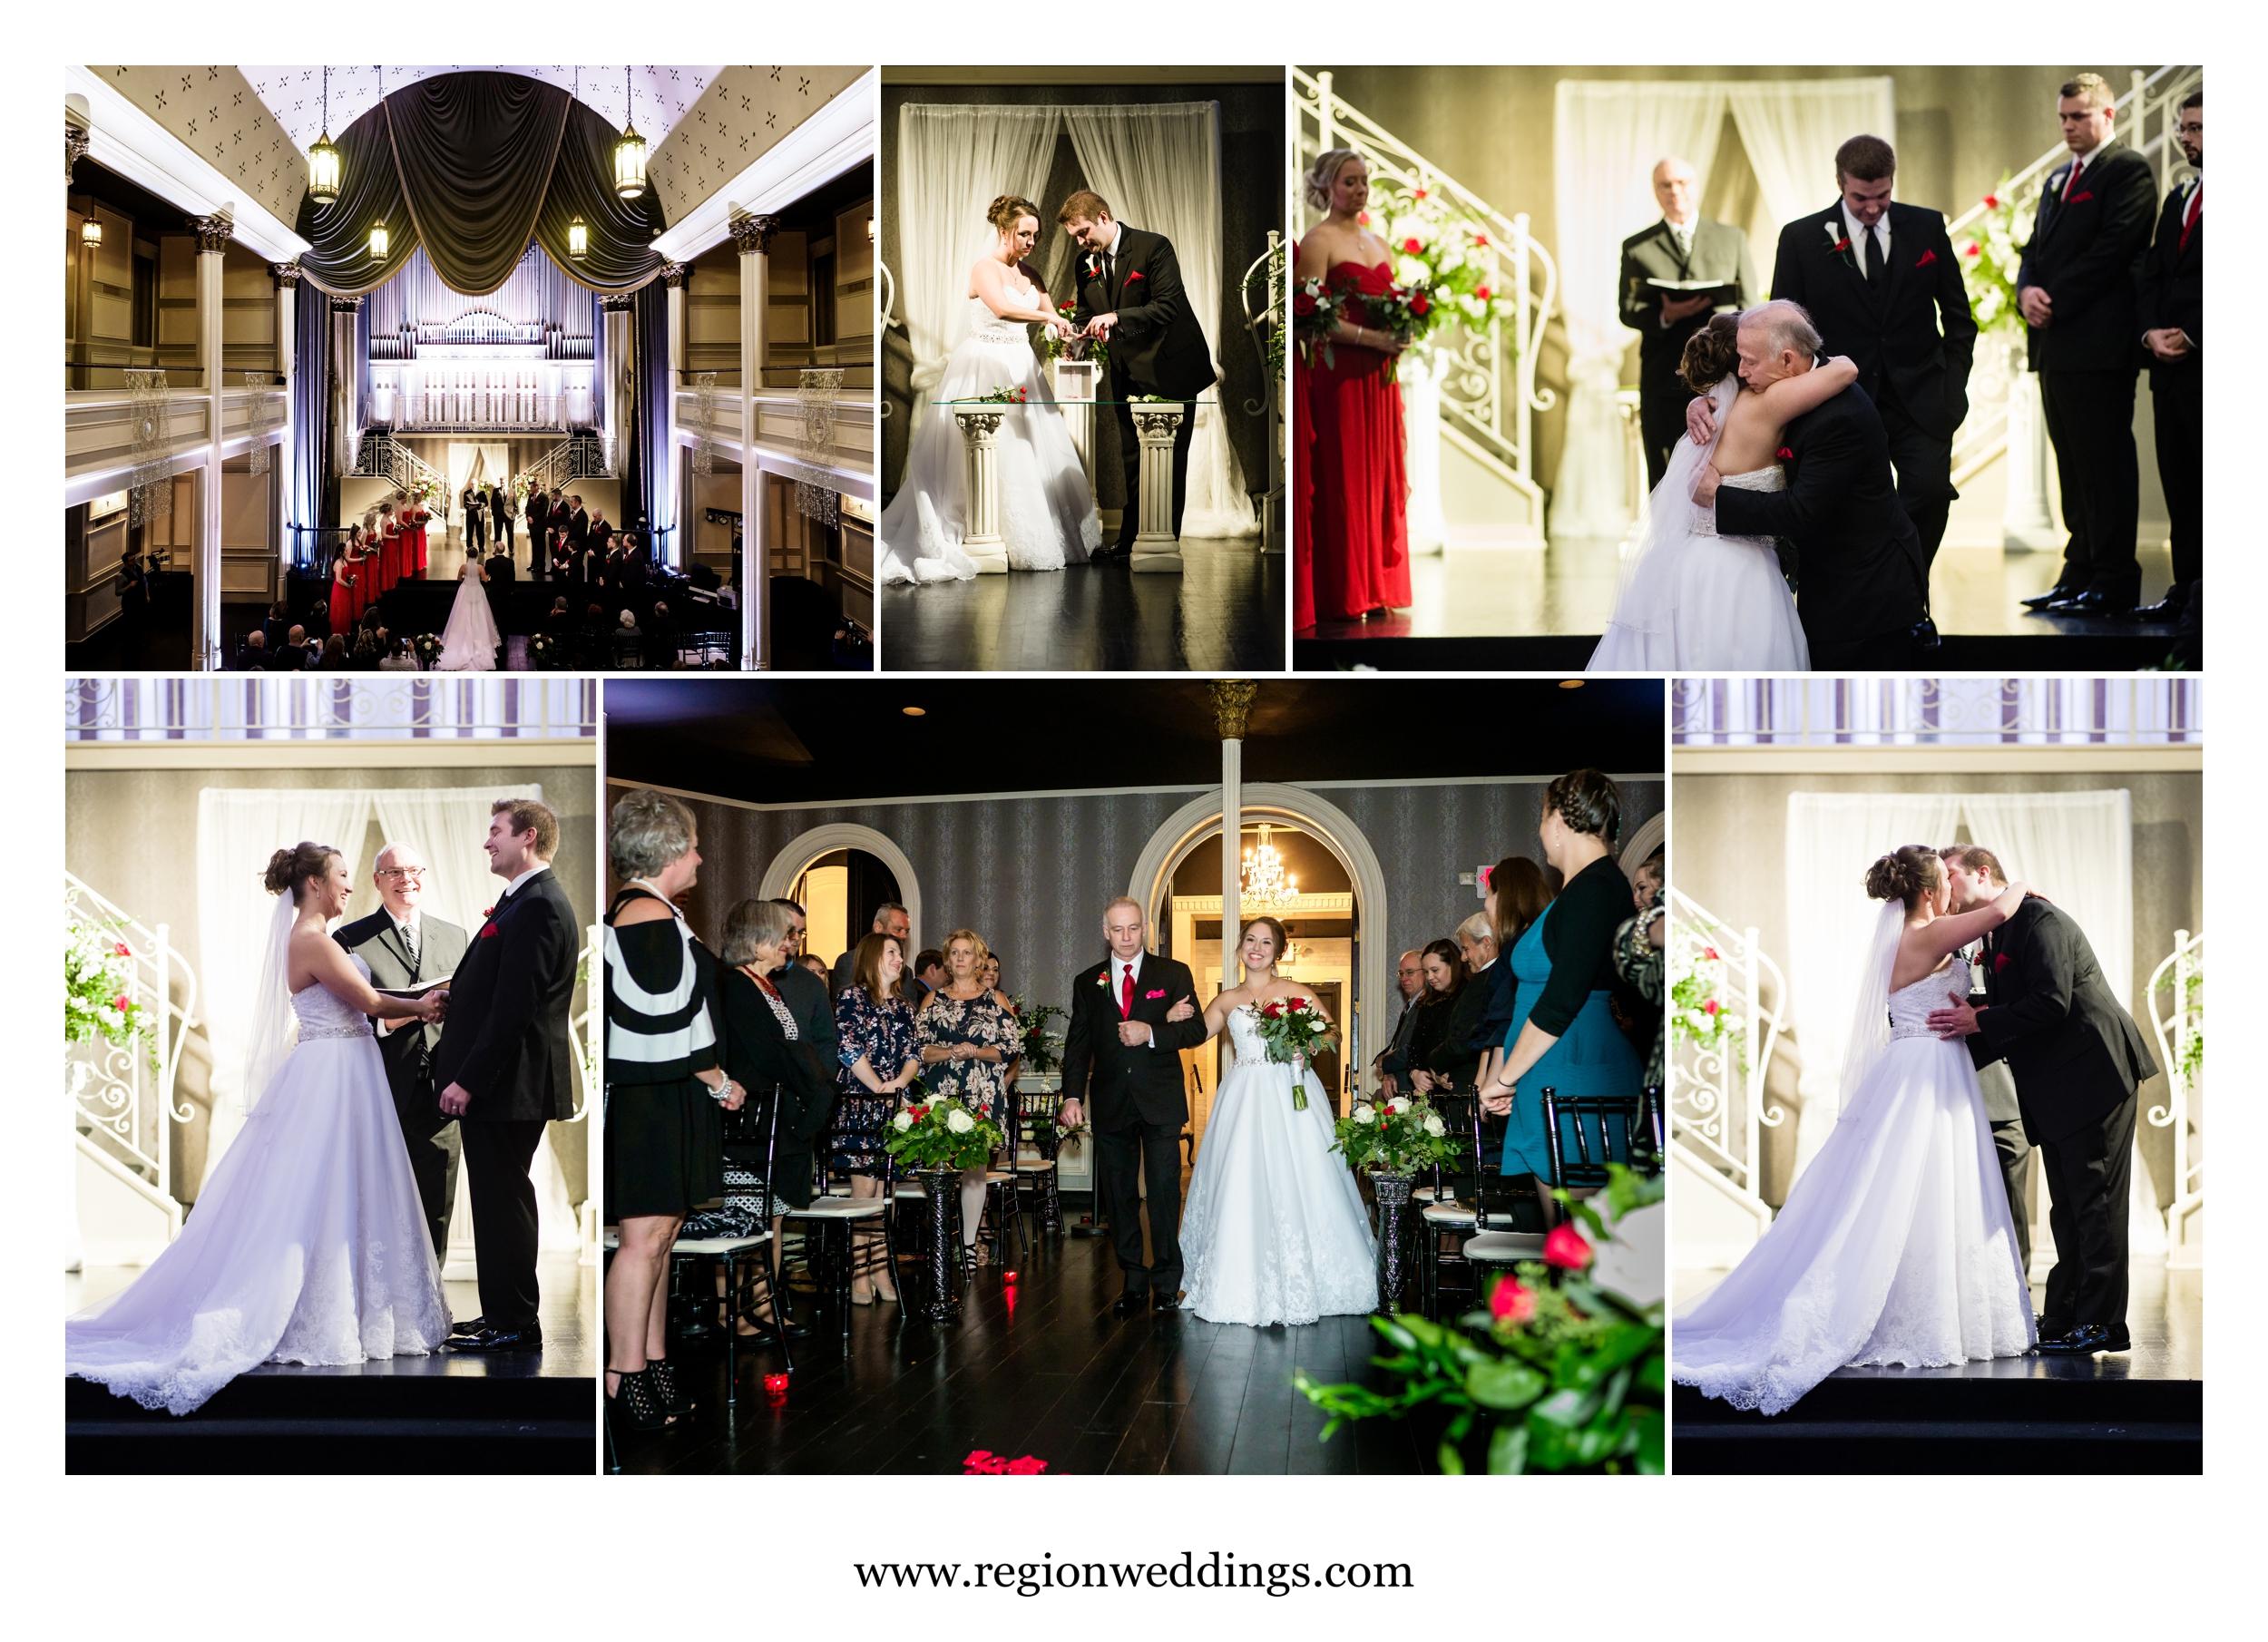 winter-wedding-ceremony-Uptown-Center.jpg